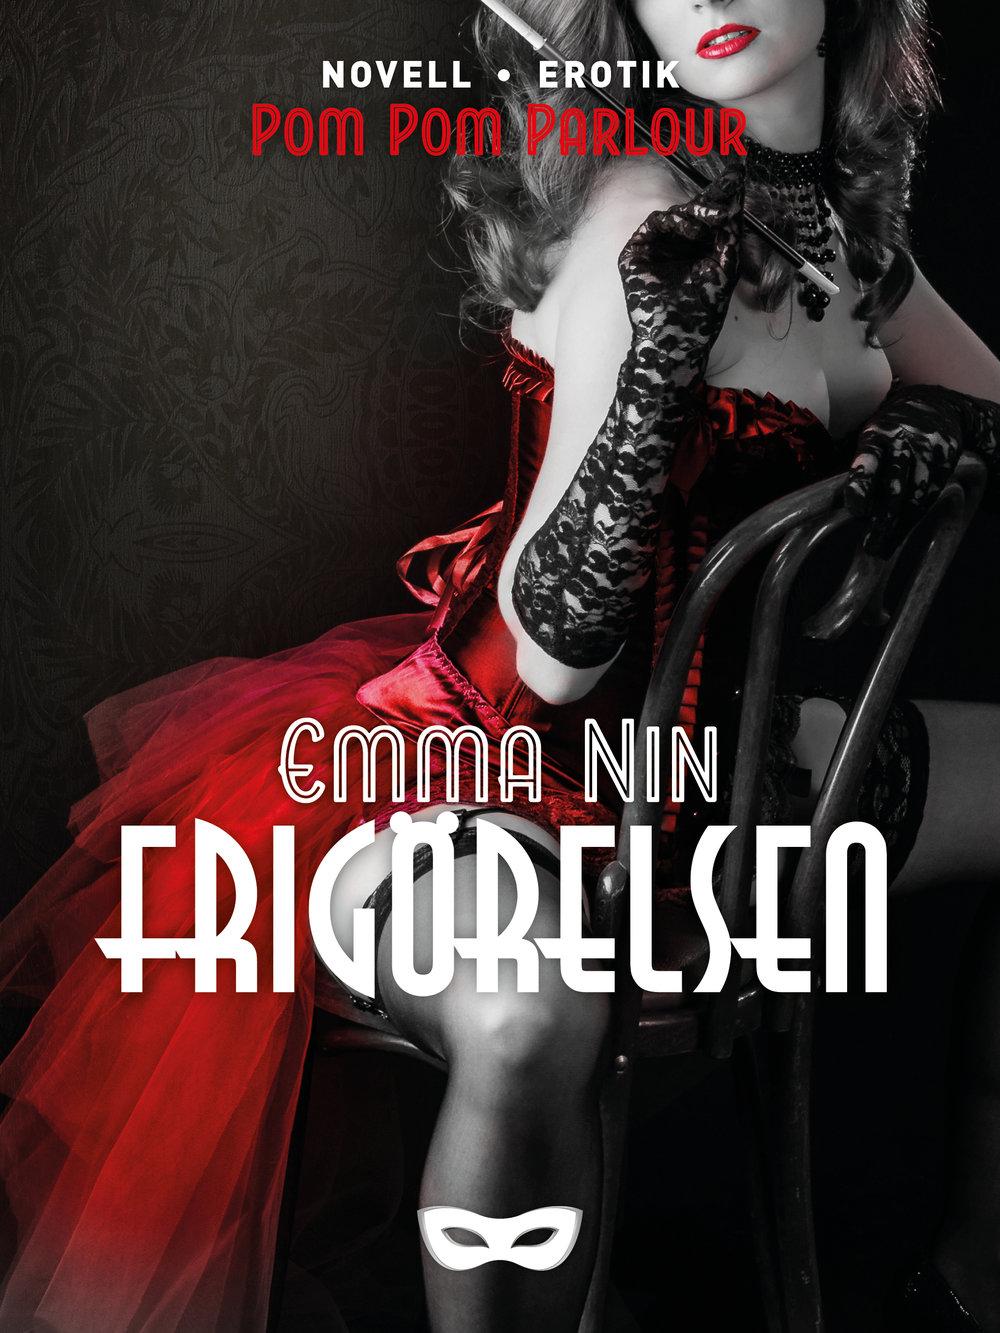 VAT-n_Frigorelsen_Emma Nin.jpg